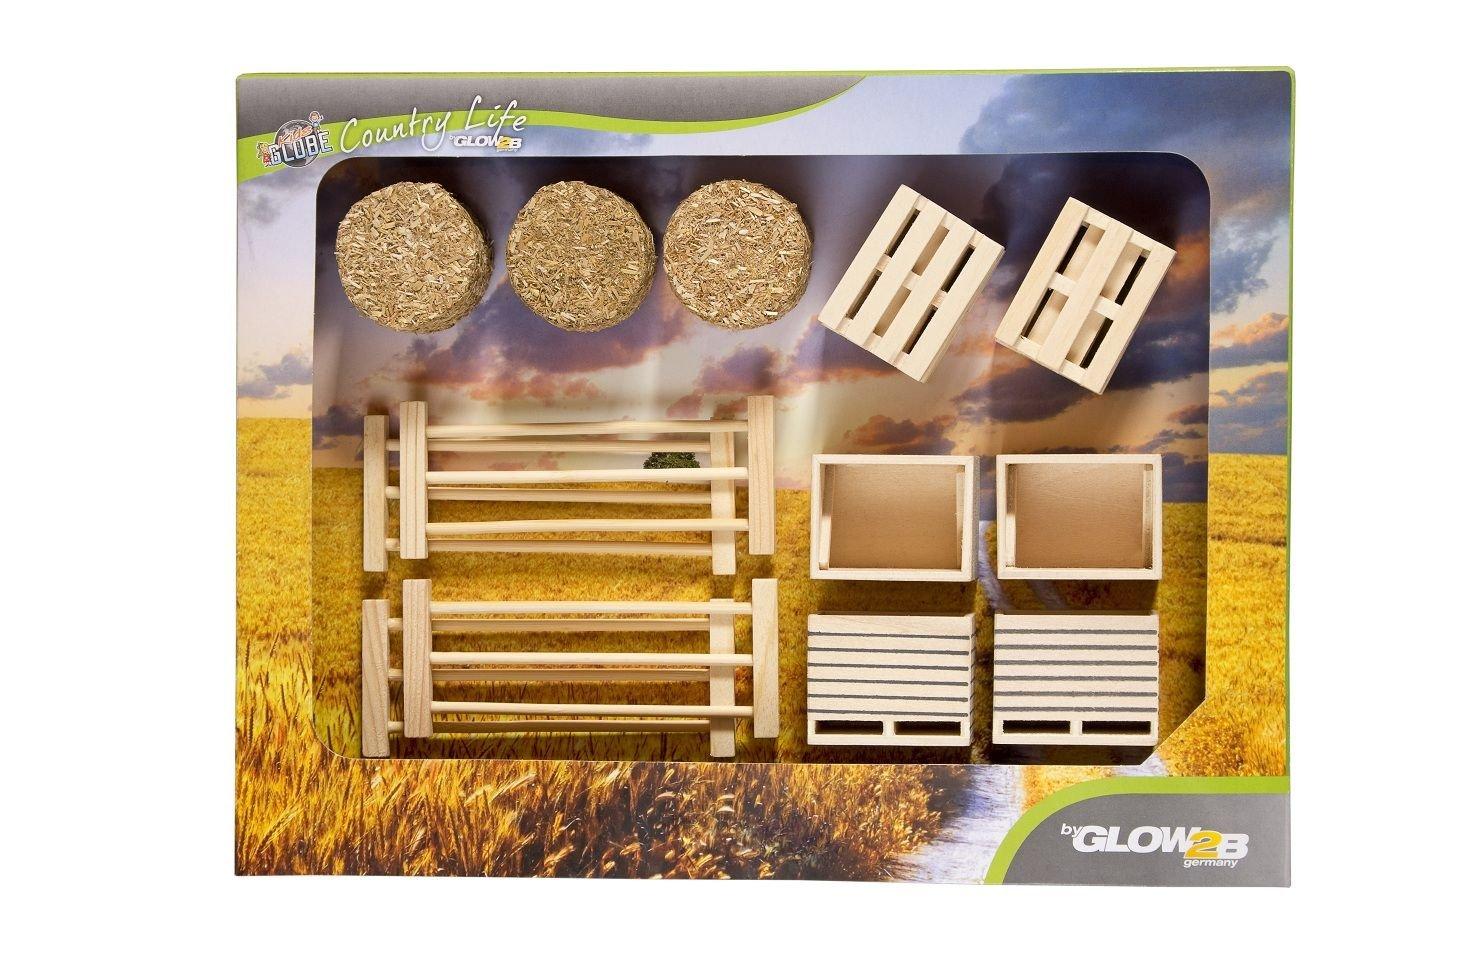 Niños Globe 1000579 - Conjunto de cajas, palets, paja y cercas, maquinaria agrícola, 17 piezas: Amazon.es: Juguetes y juegos